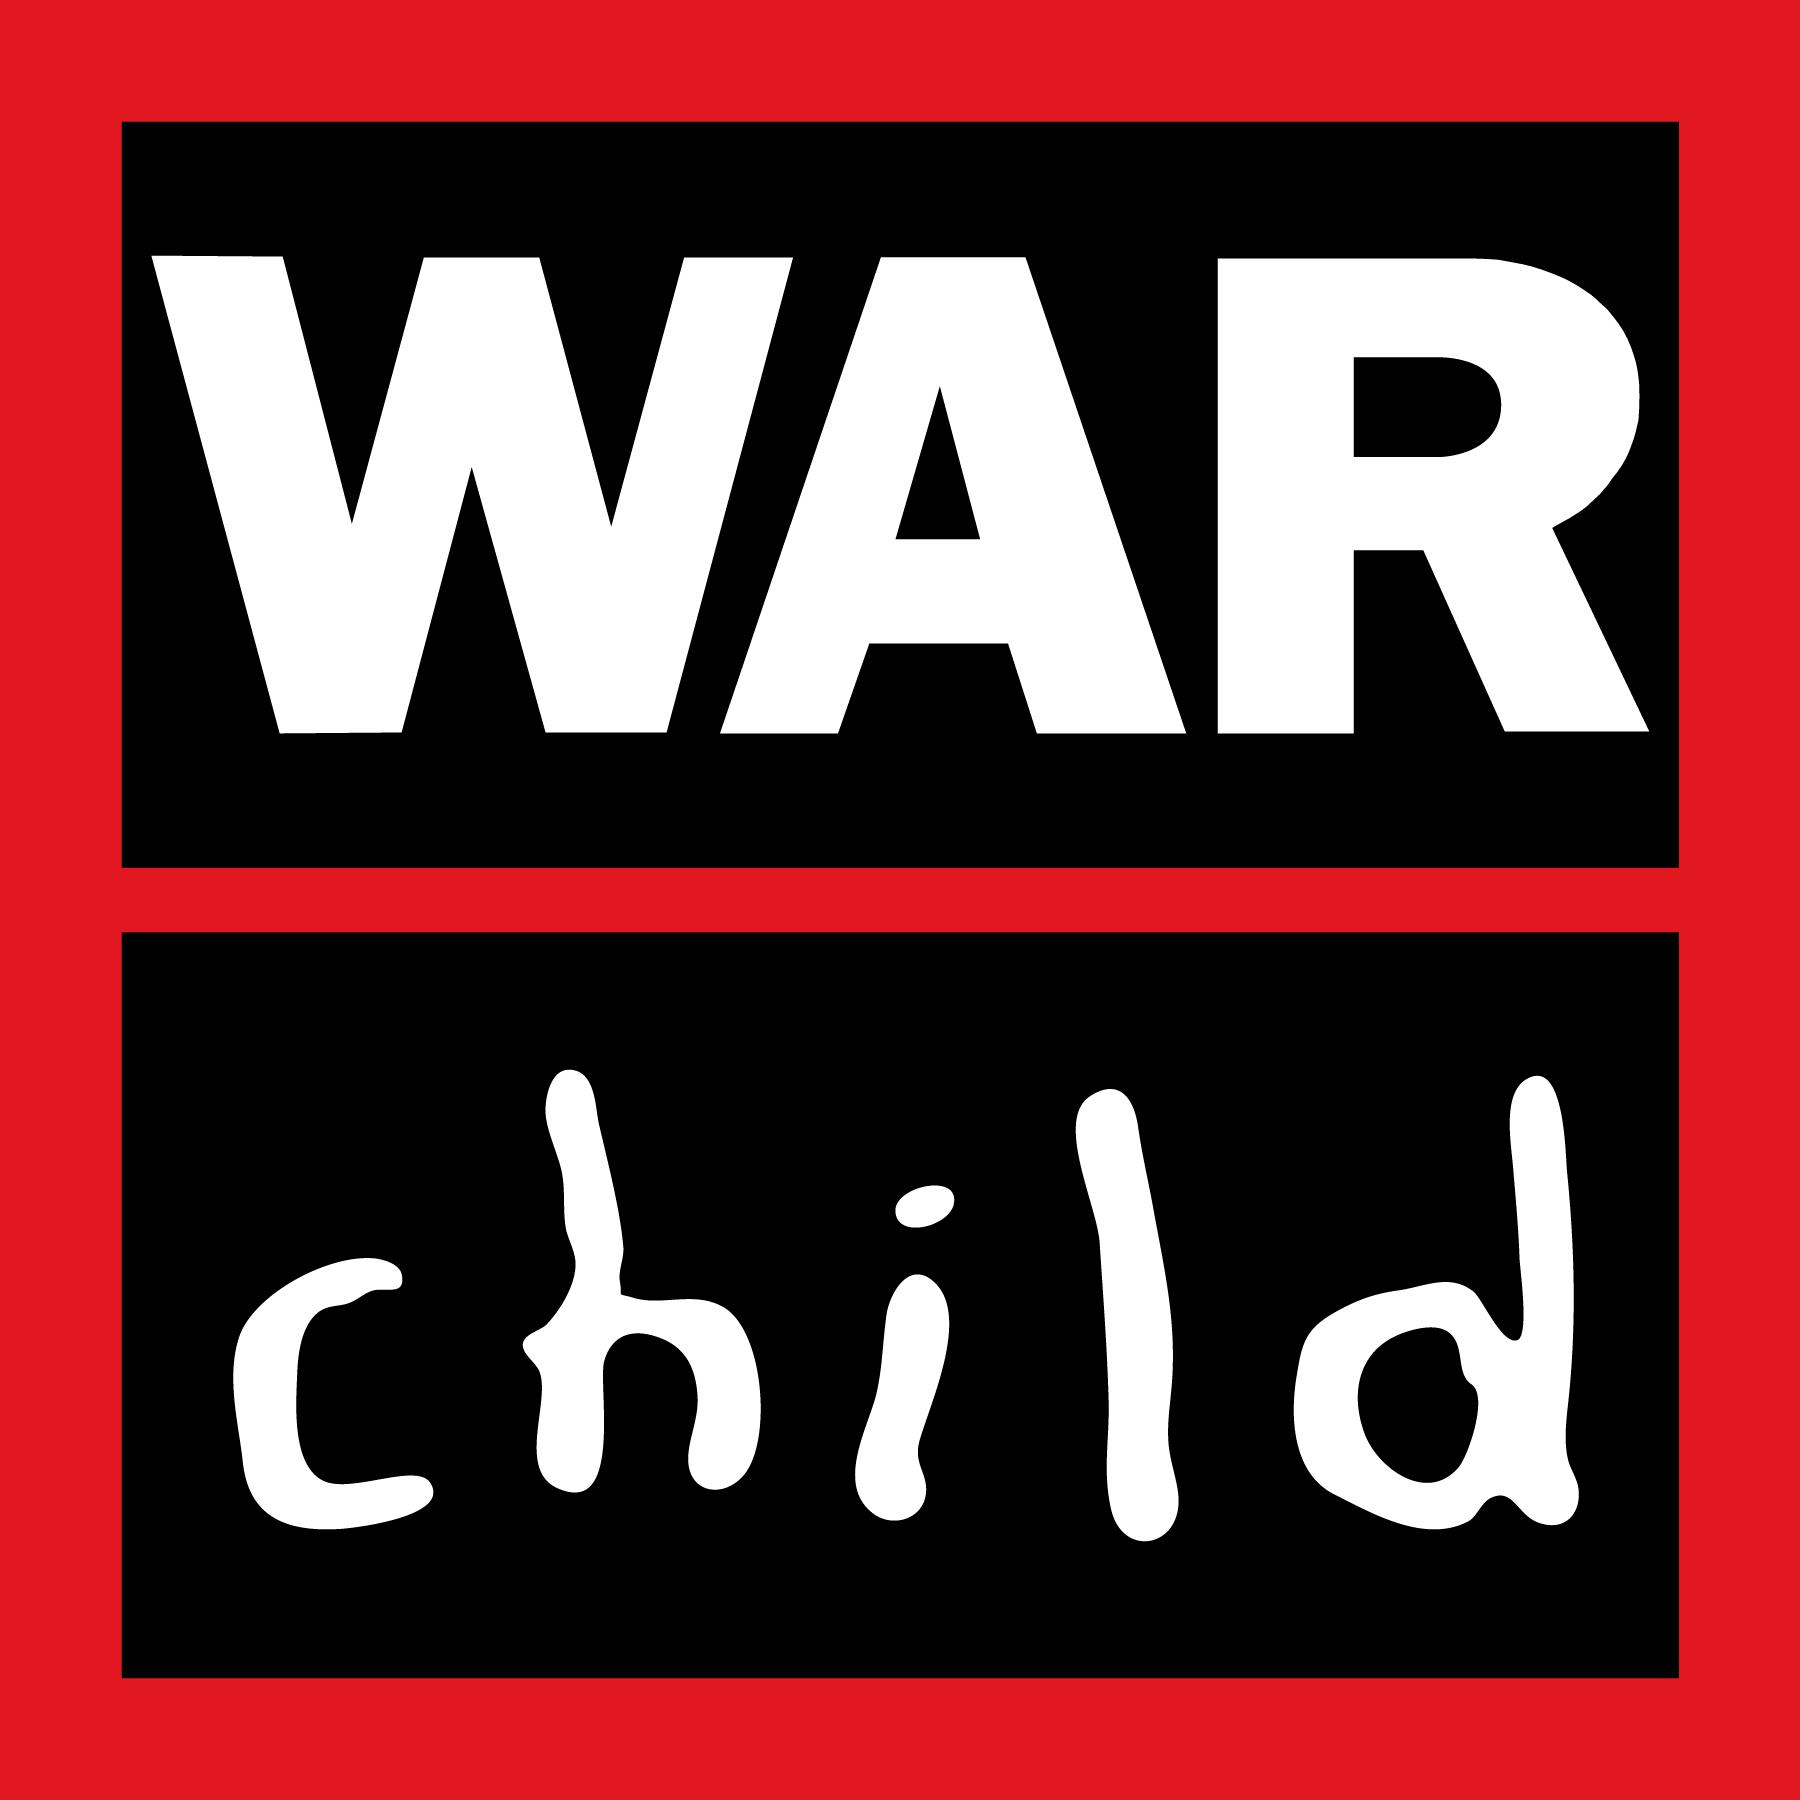 War child uk logo 1800x1800 rgb